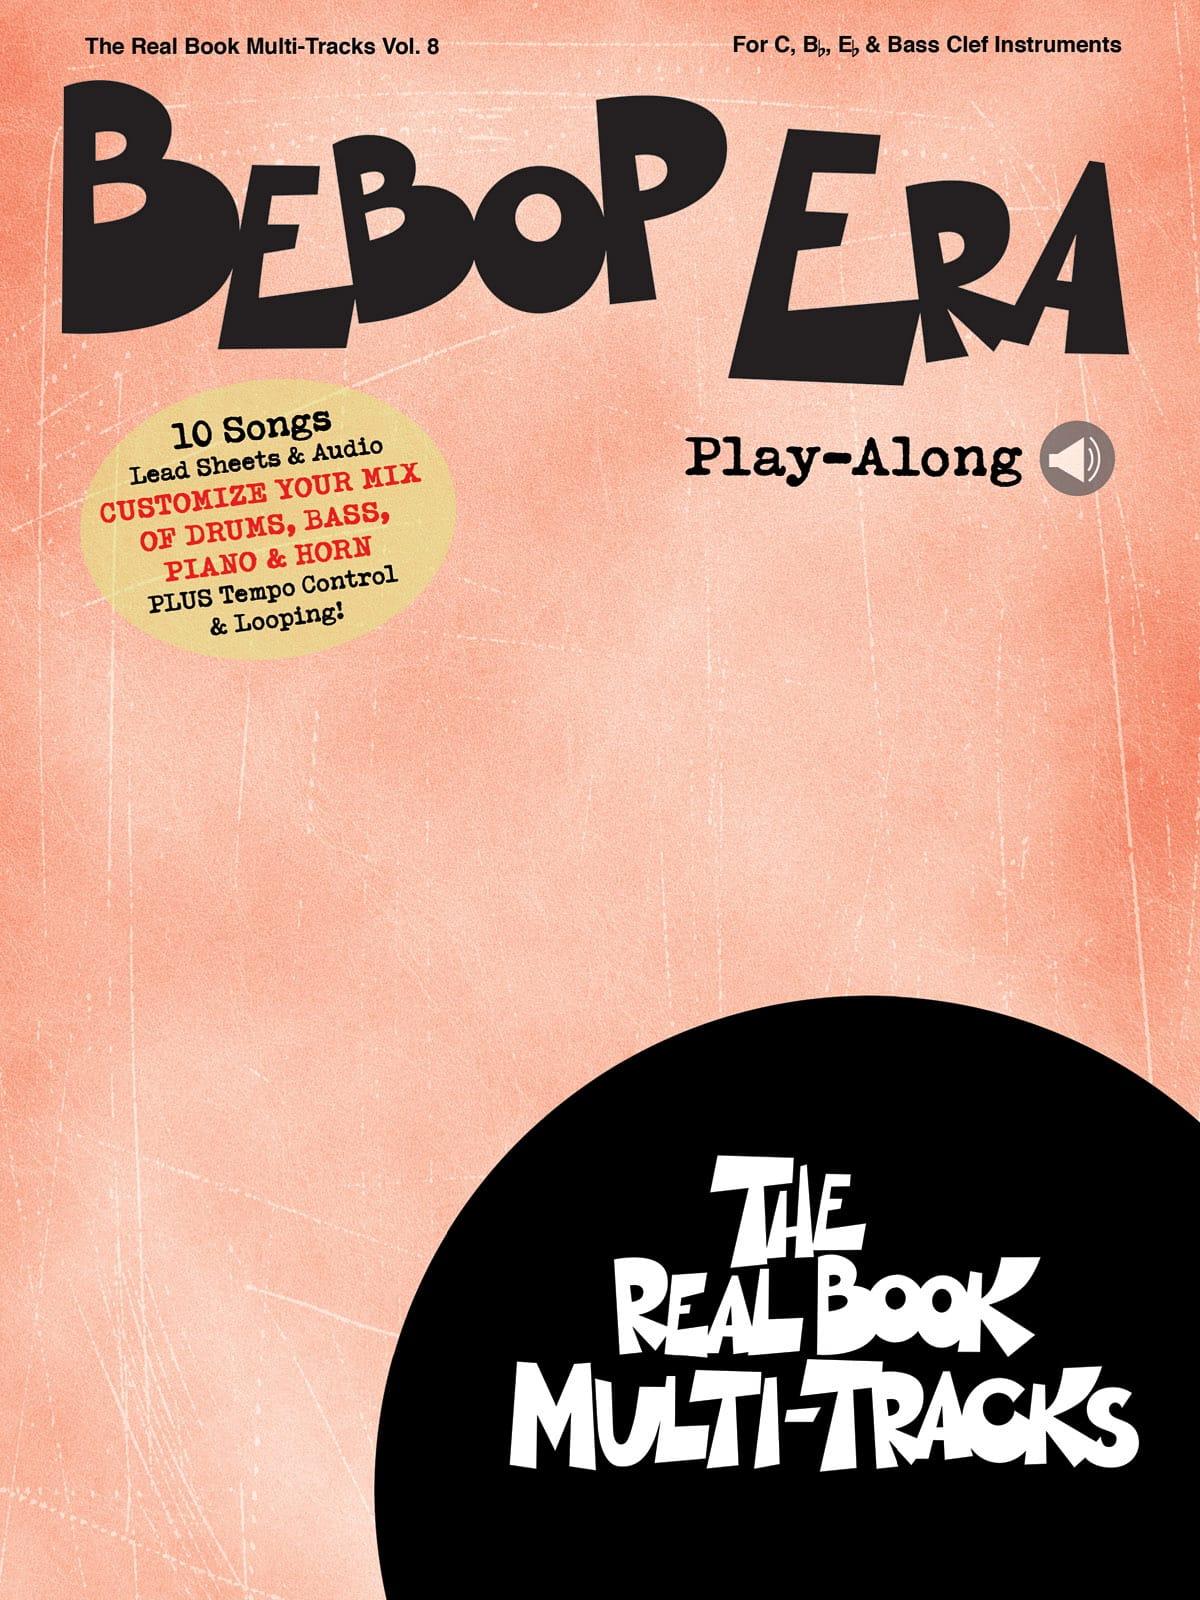 Real Book Multi-Tracks Volume 8 - Bebop Era Play-Along - laflutedepan.com